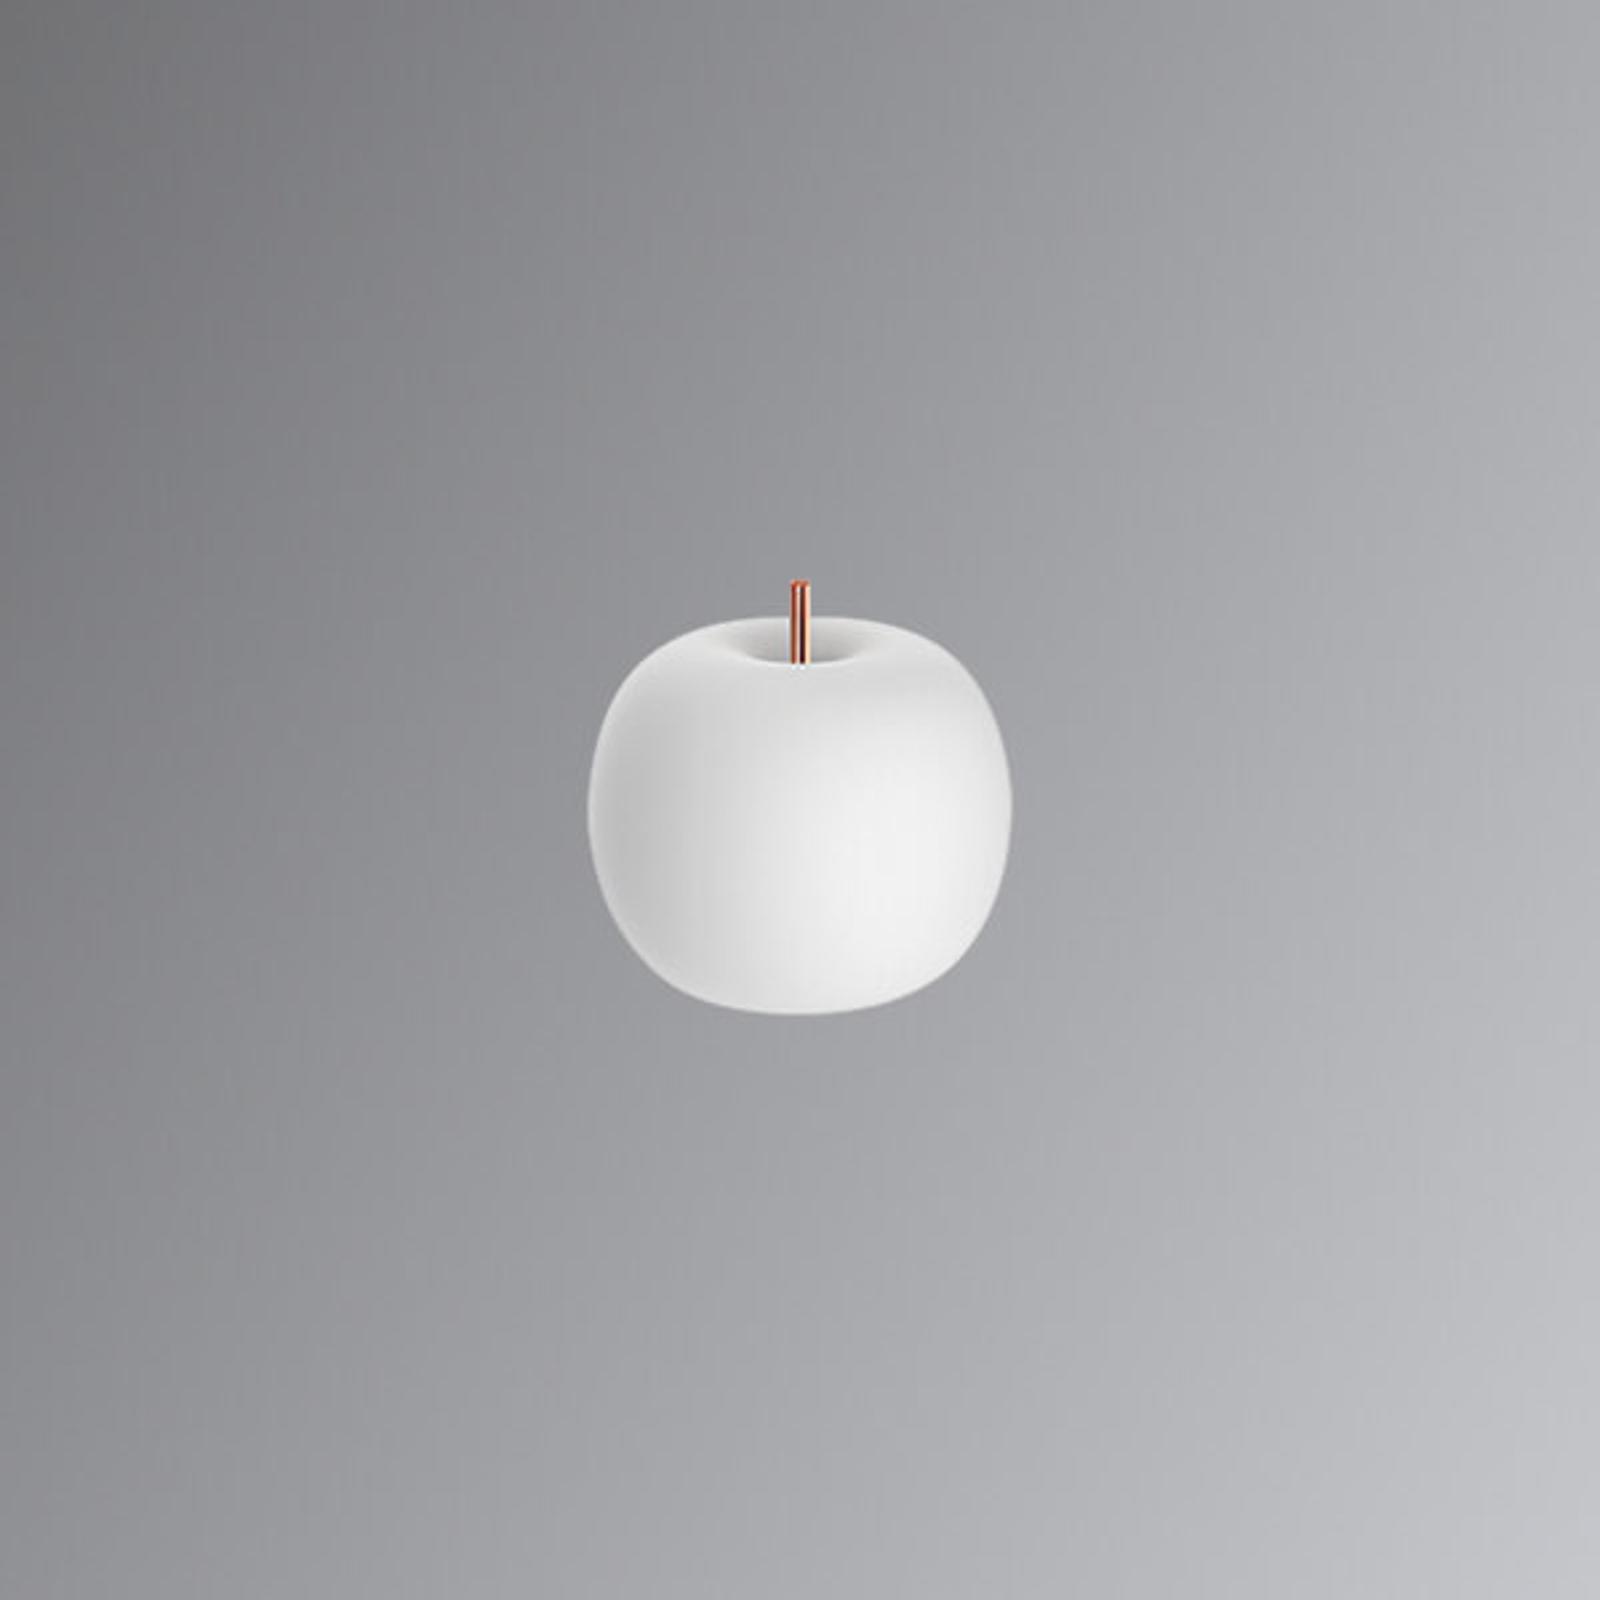 Kundalini Kushi - LED hanglamp koper 16cm